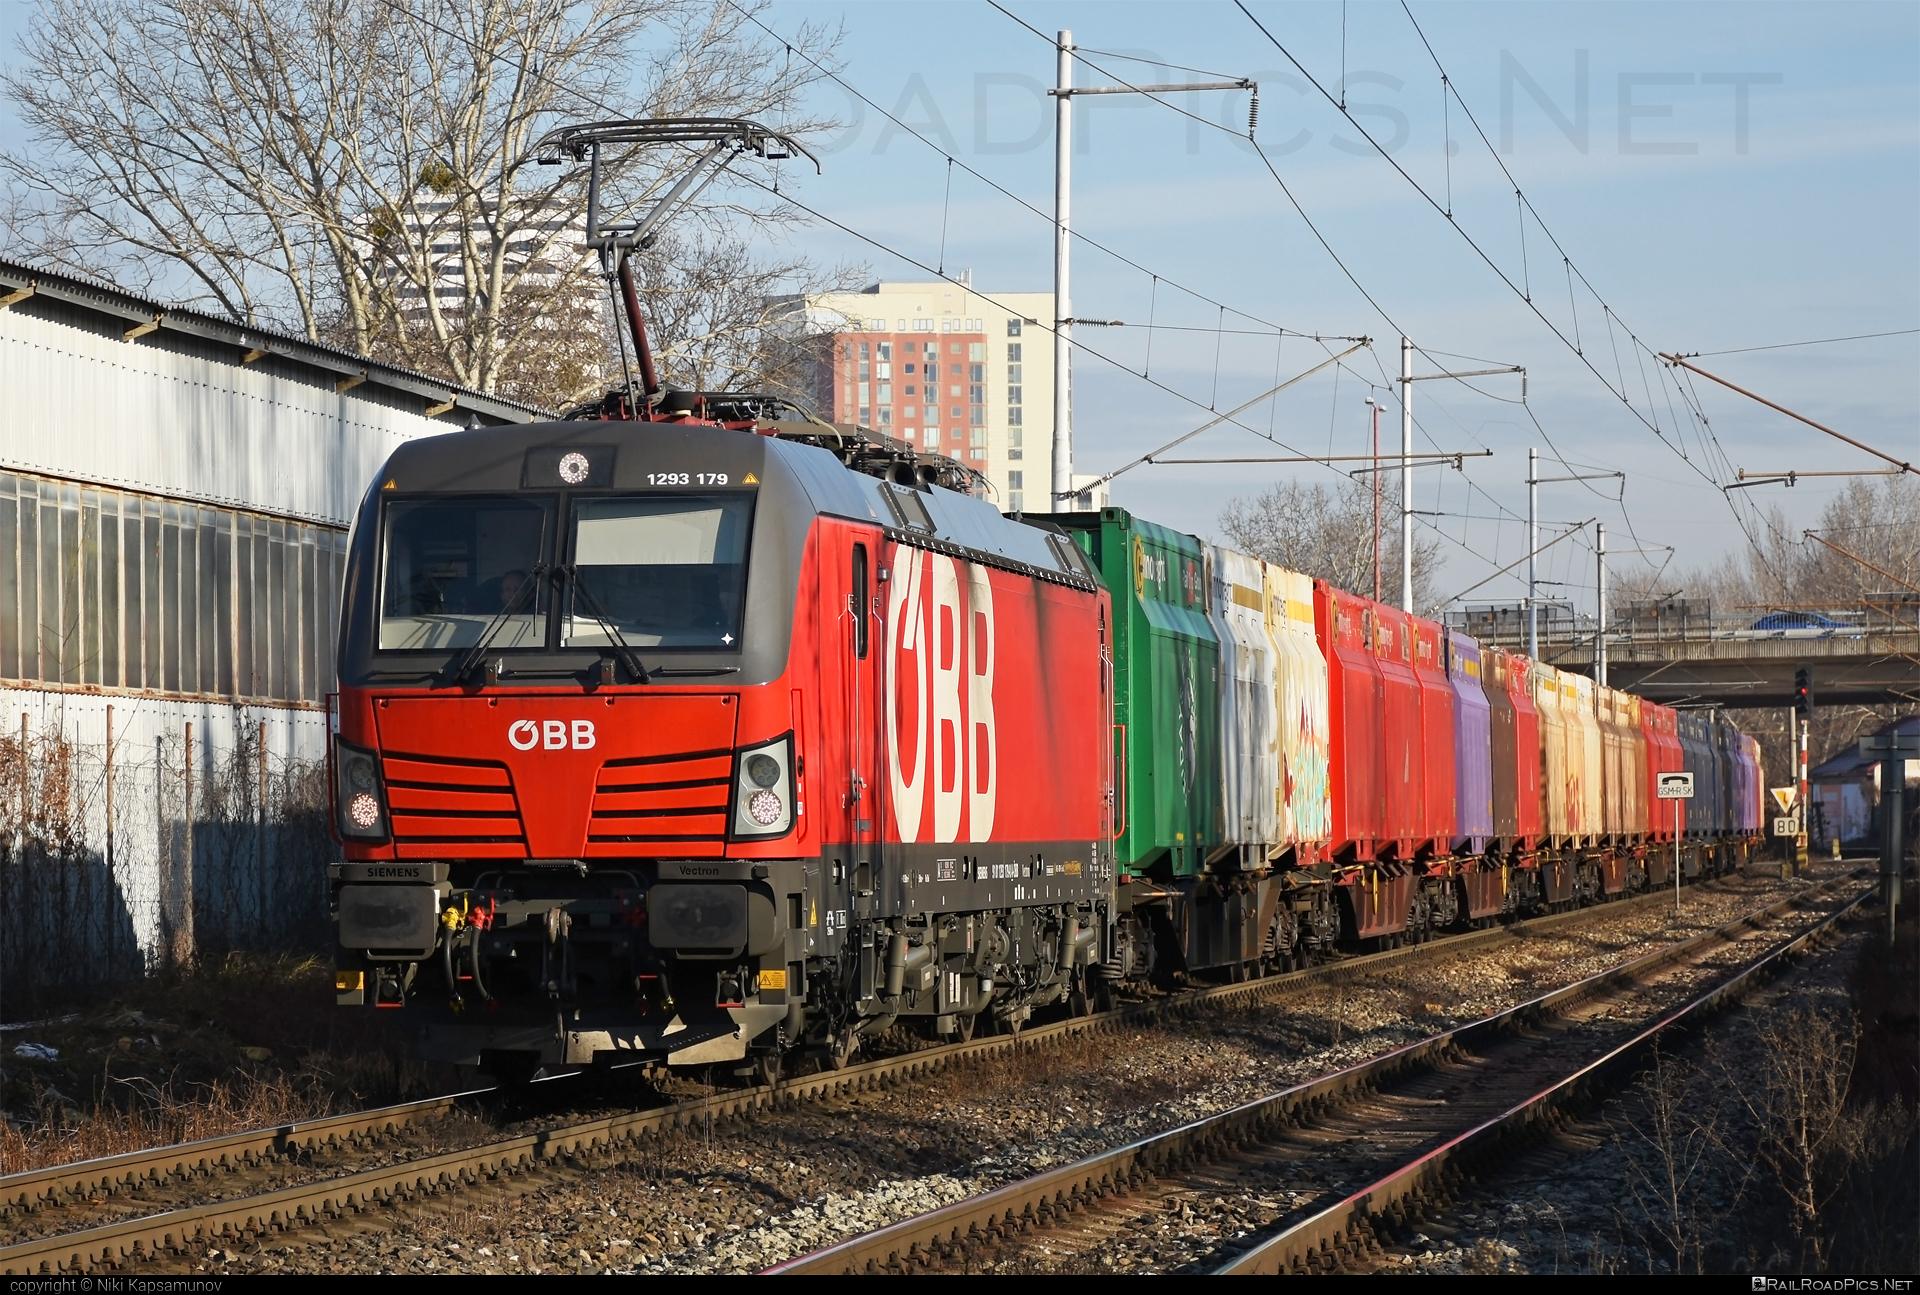 Siemens Vectron MS - 1293 179 operated by Rail Cargo Austria AG #flatwagon #obb #osterreichischebundesbahnen #rcw #siemens #siemensvectron #siemensvectronms #vectron #vectronms